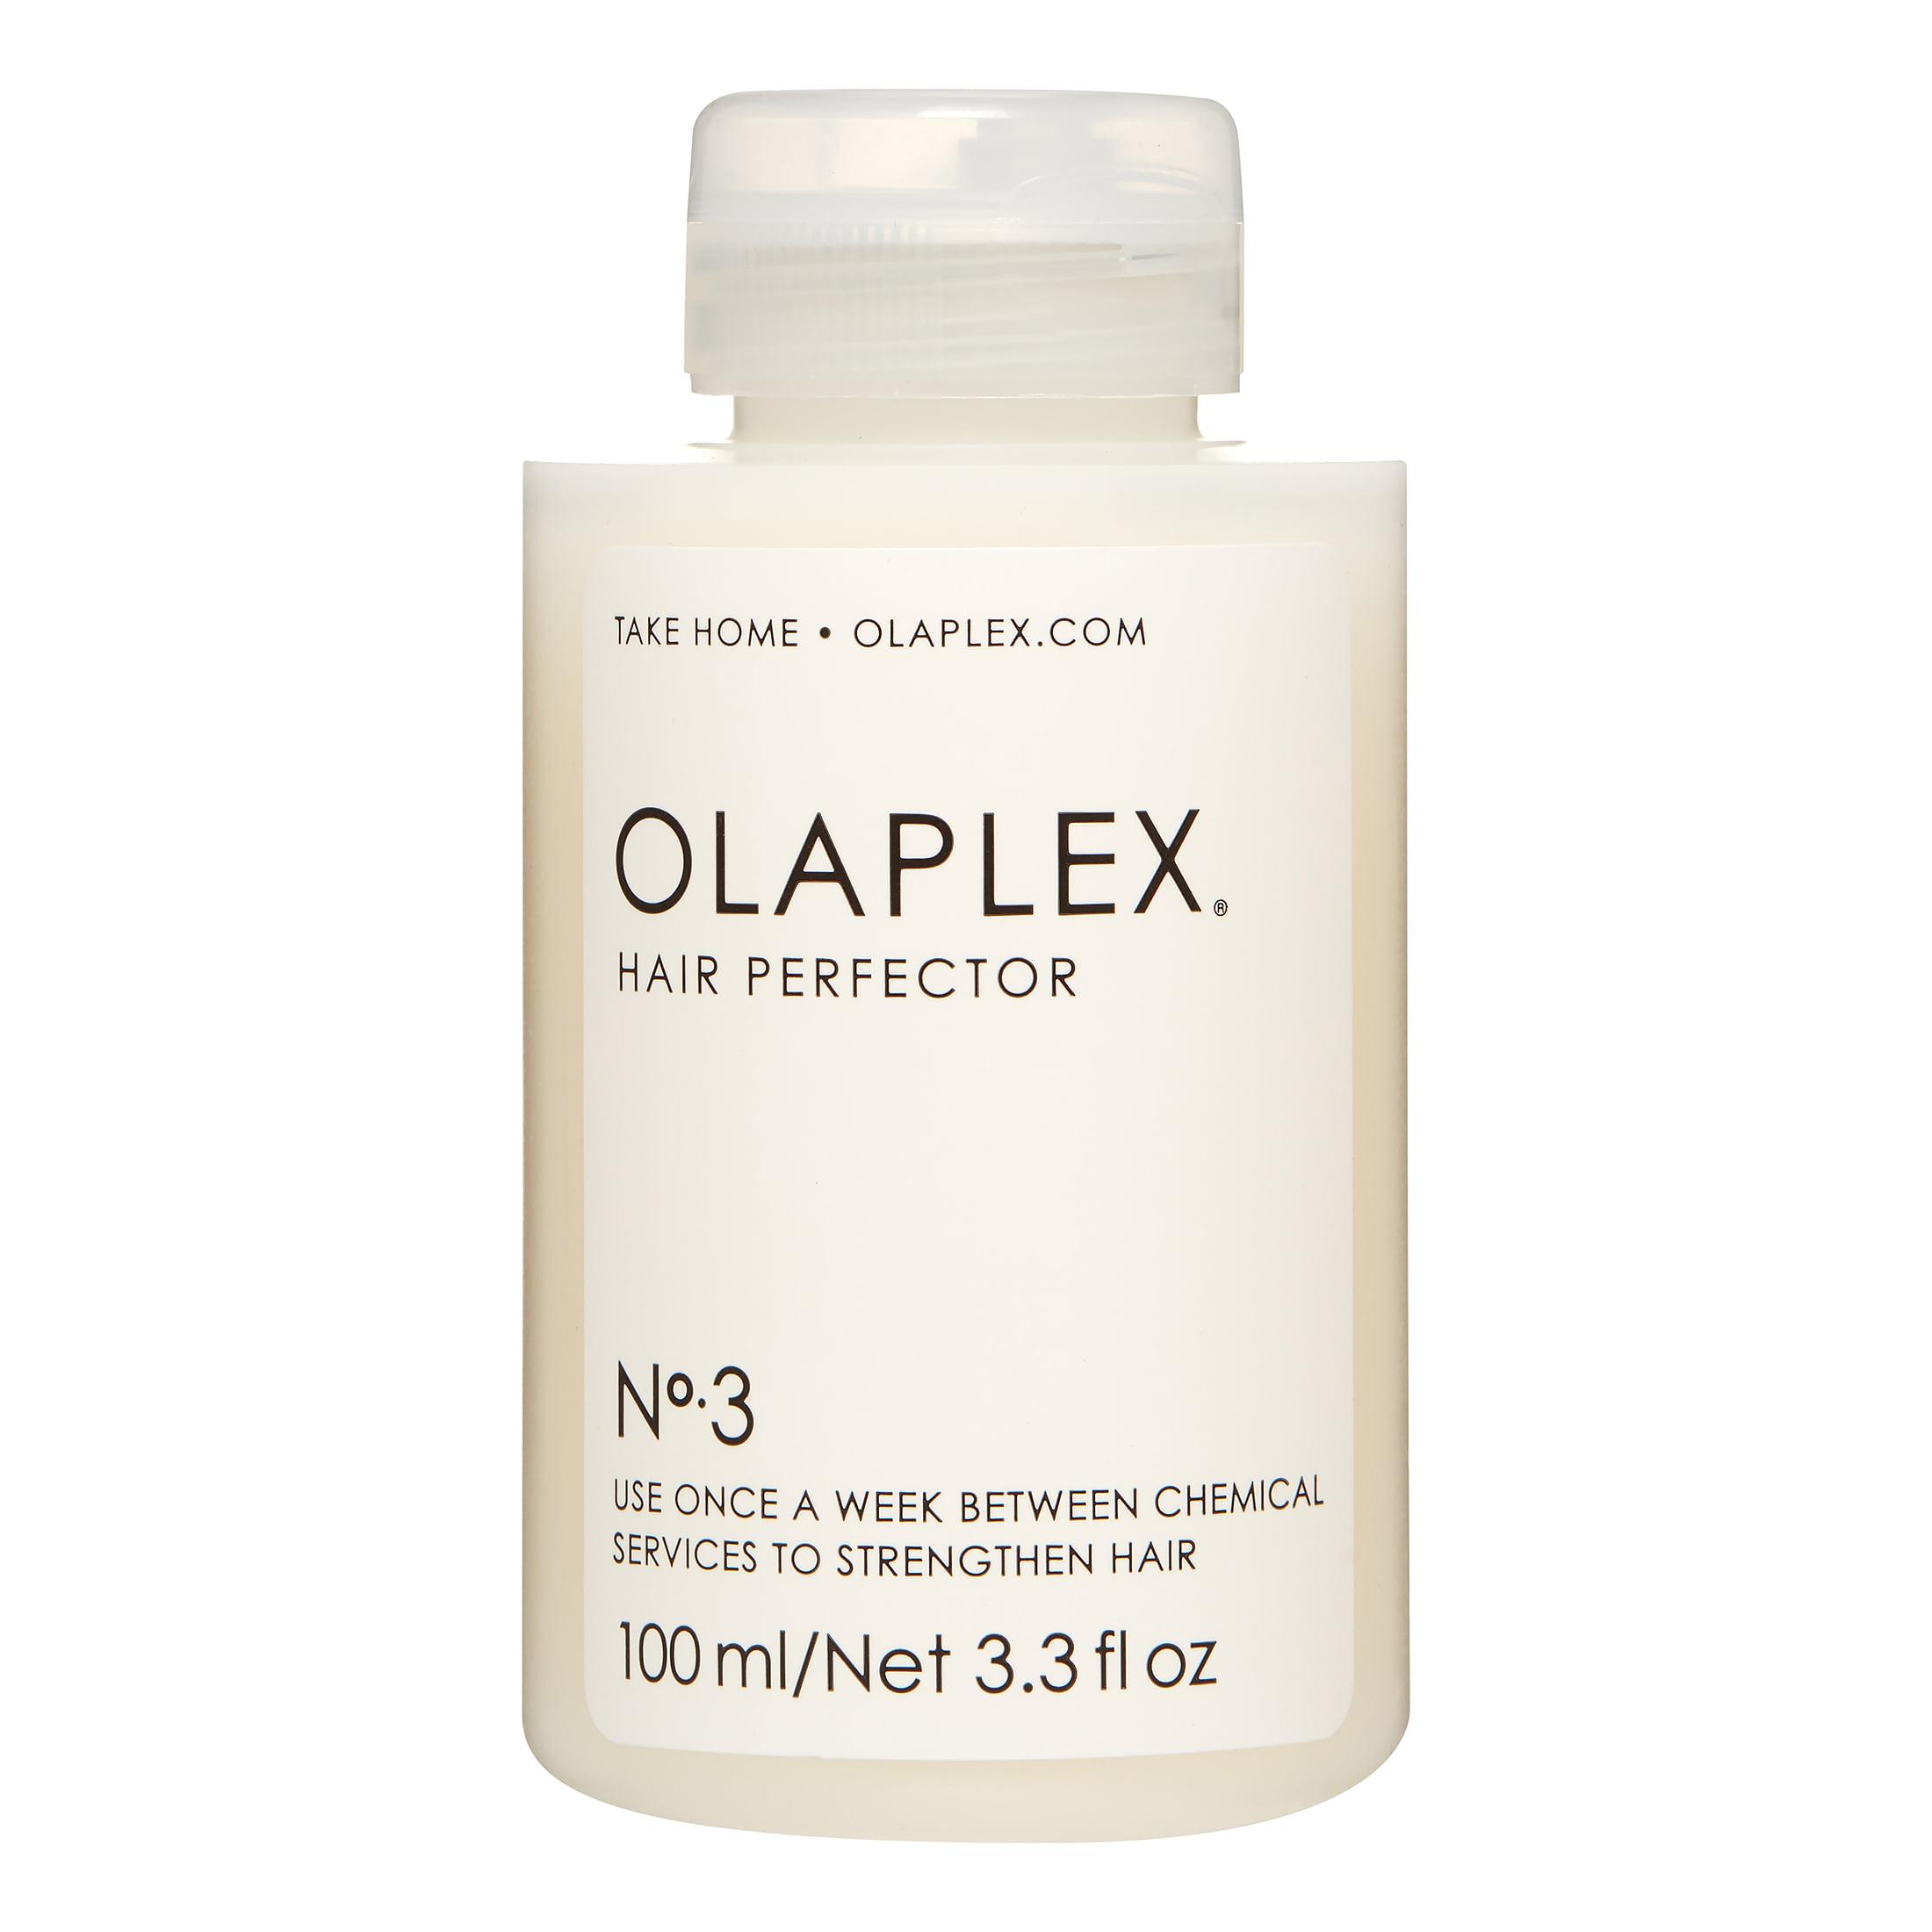 Olaplex Hair Perfector No.3, 3.3 Oz